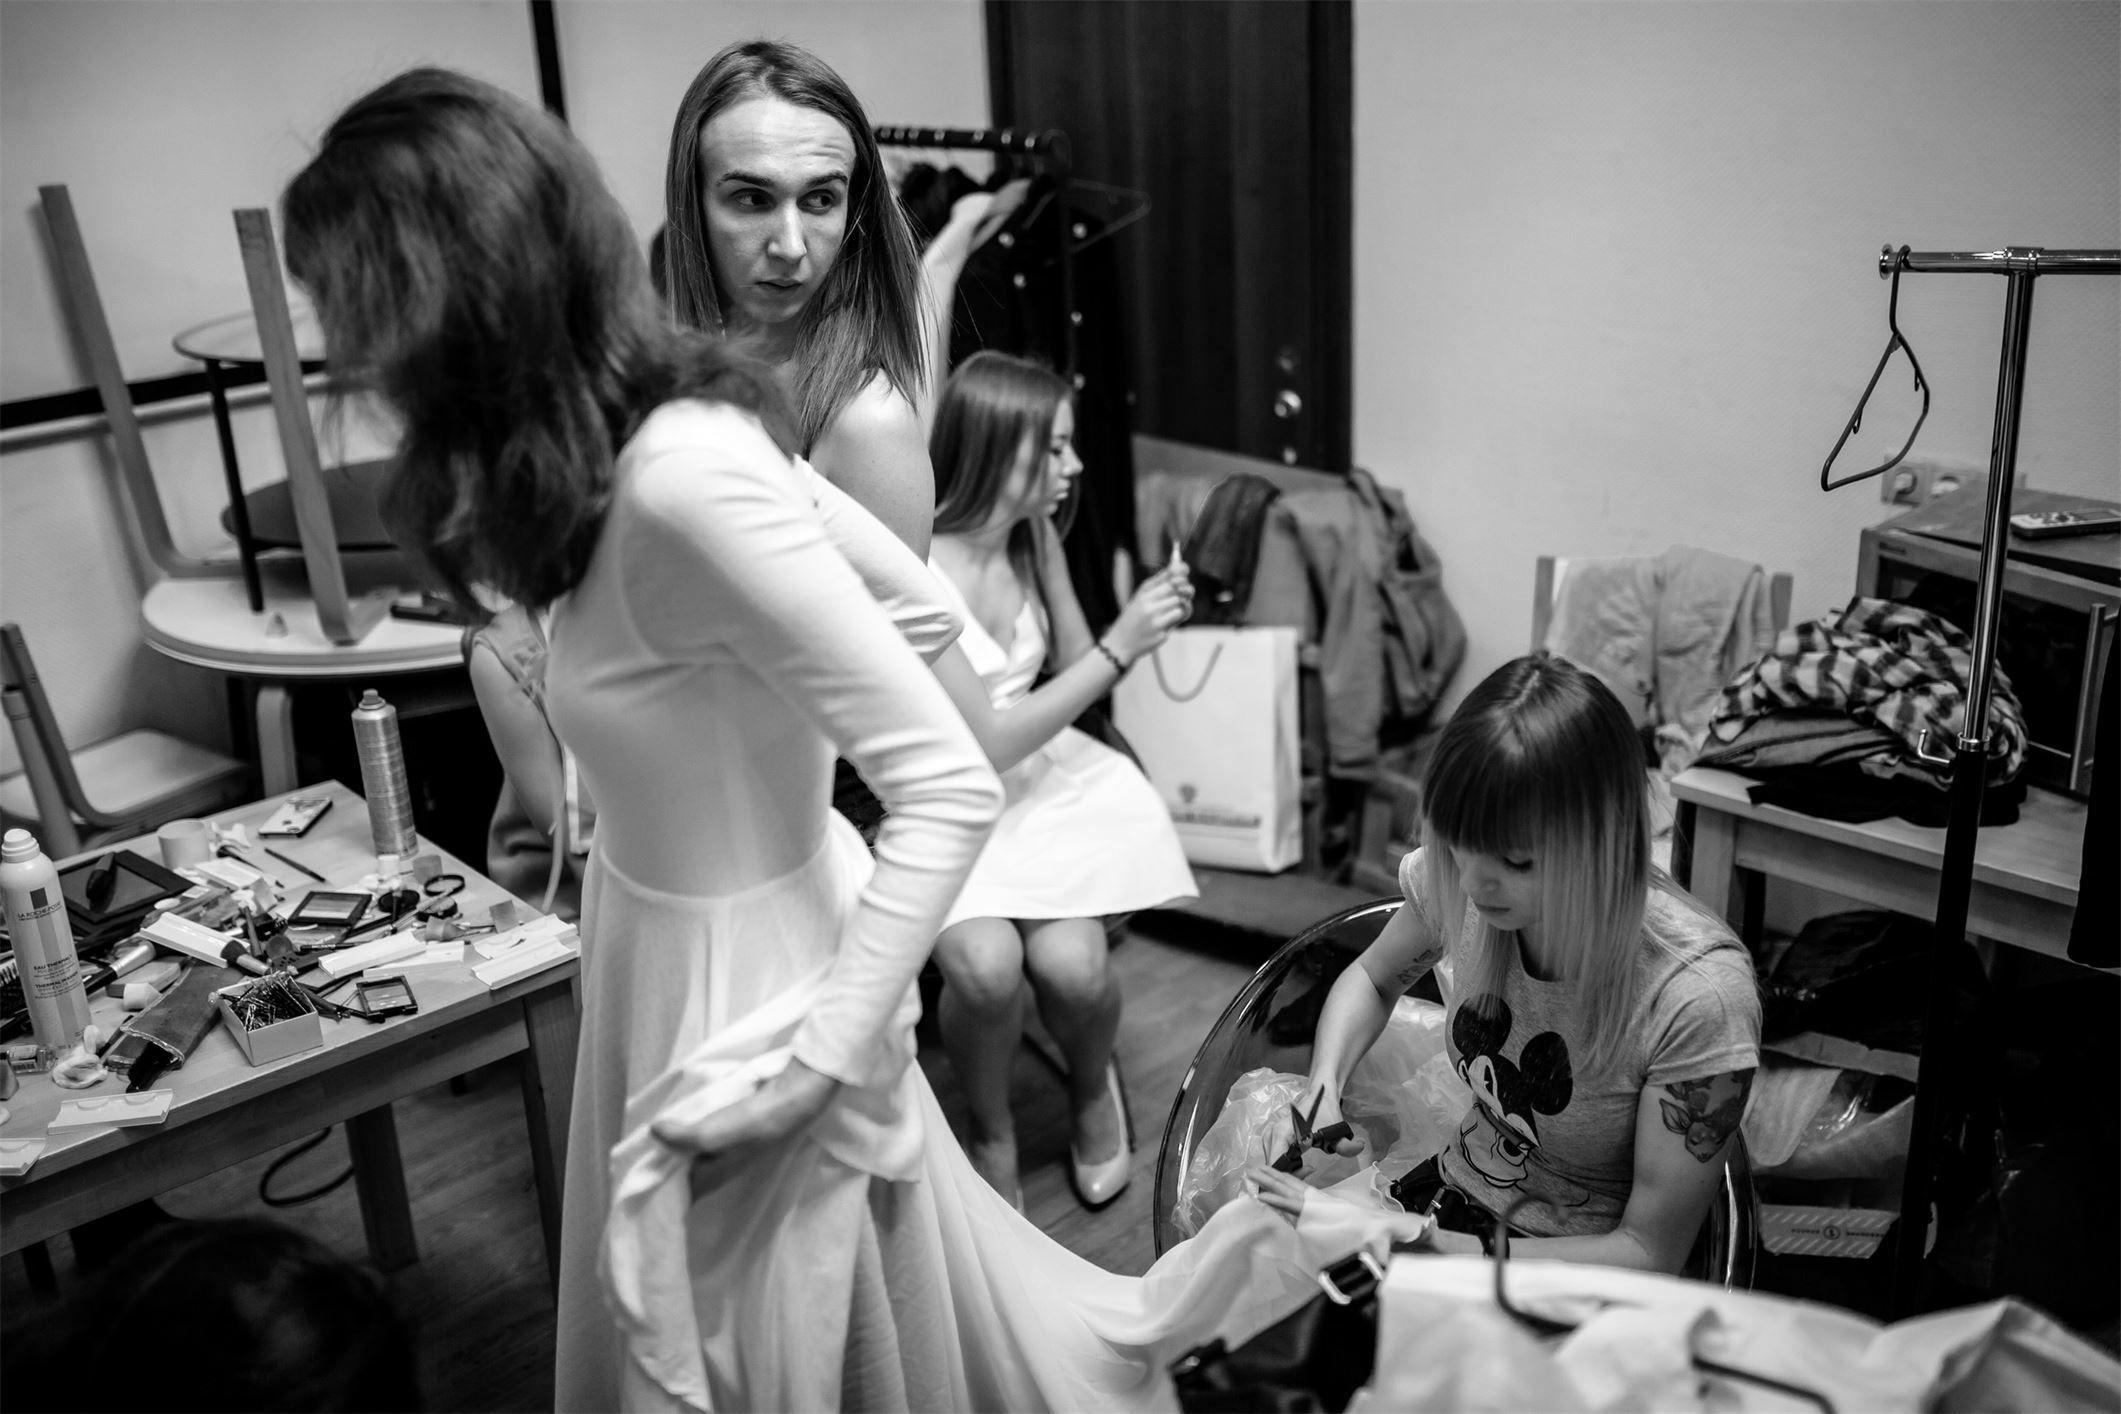 Работа модели для девочек модели онлайн боровичи